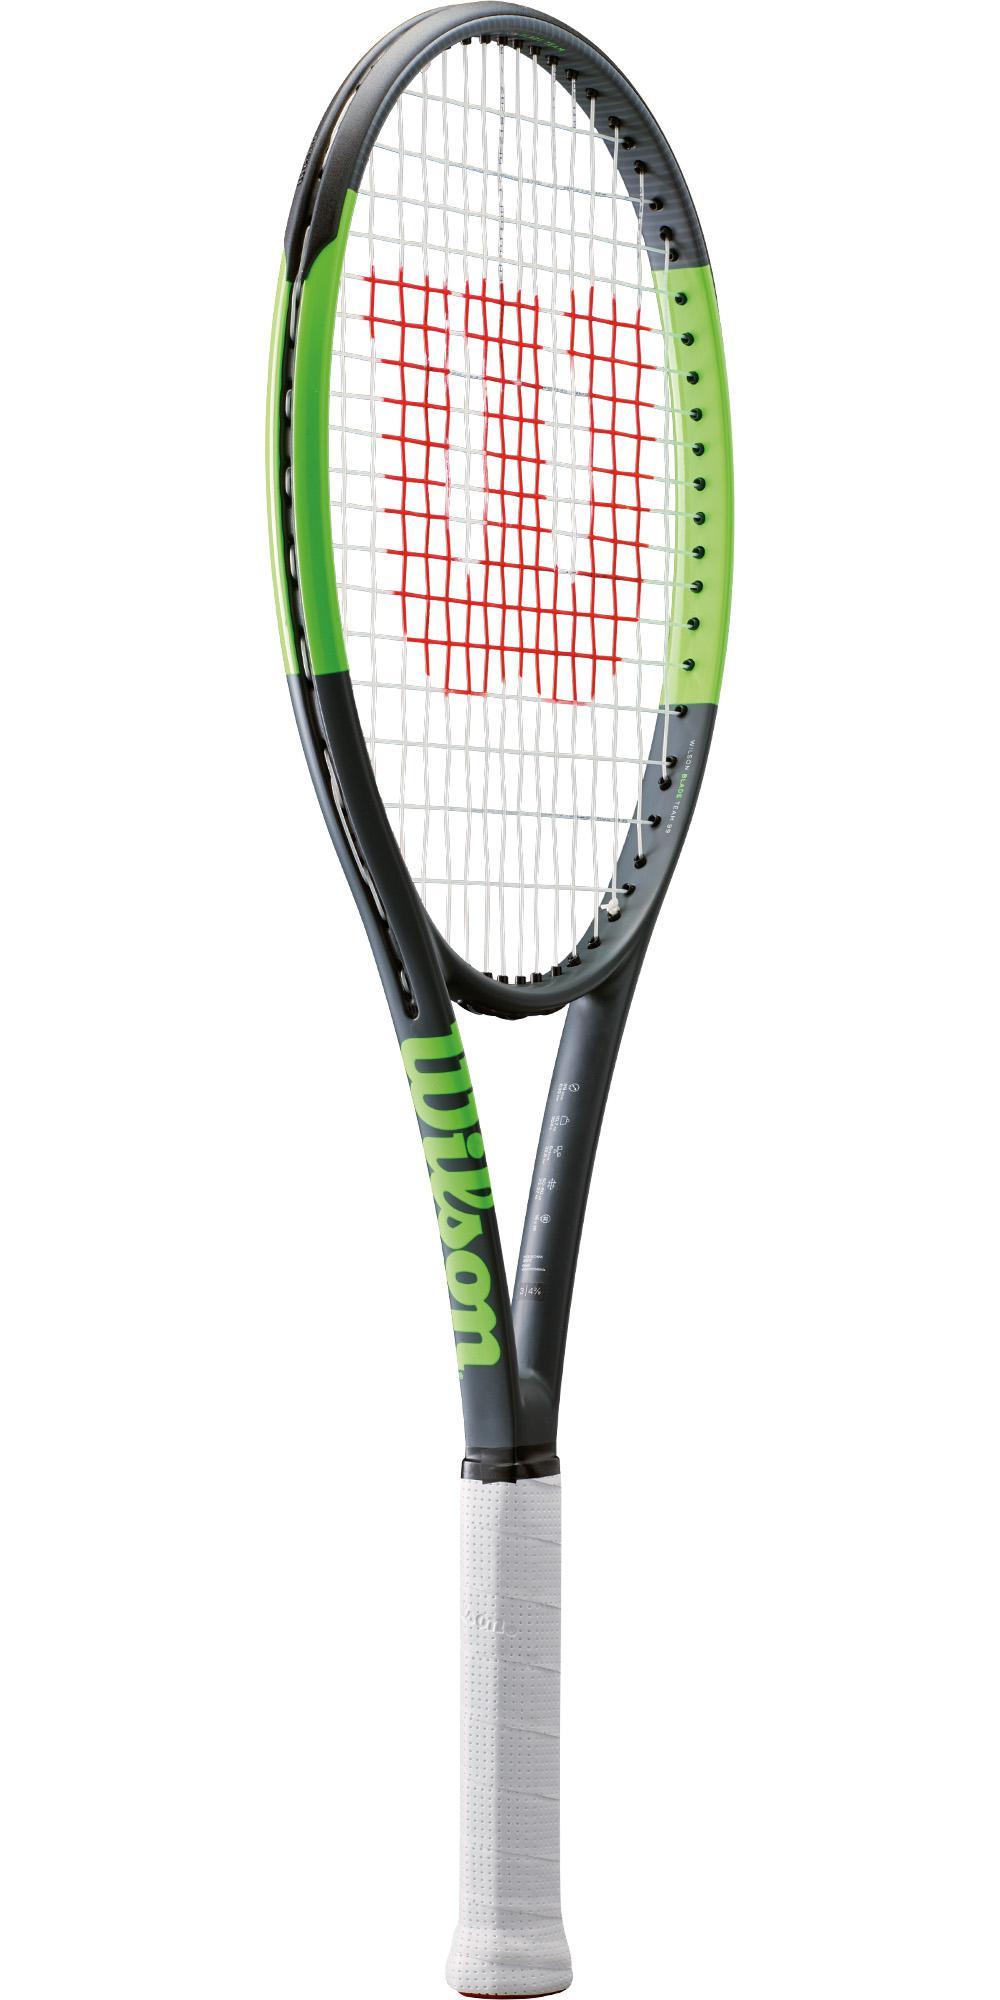 Tennis Racquet Sale >> Wilson Blade Team 99 Tennis Racket - Tennisnuts.com